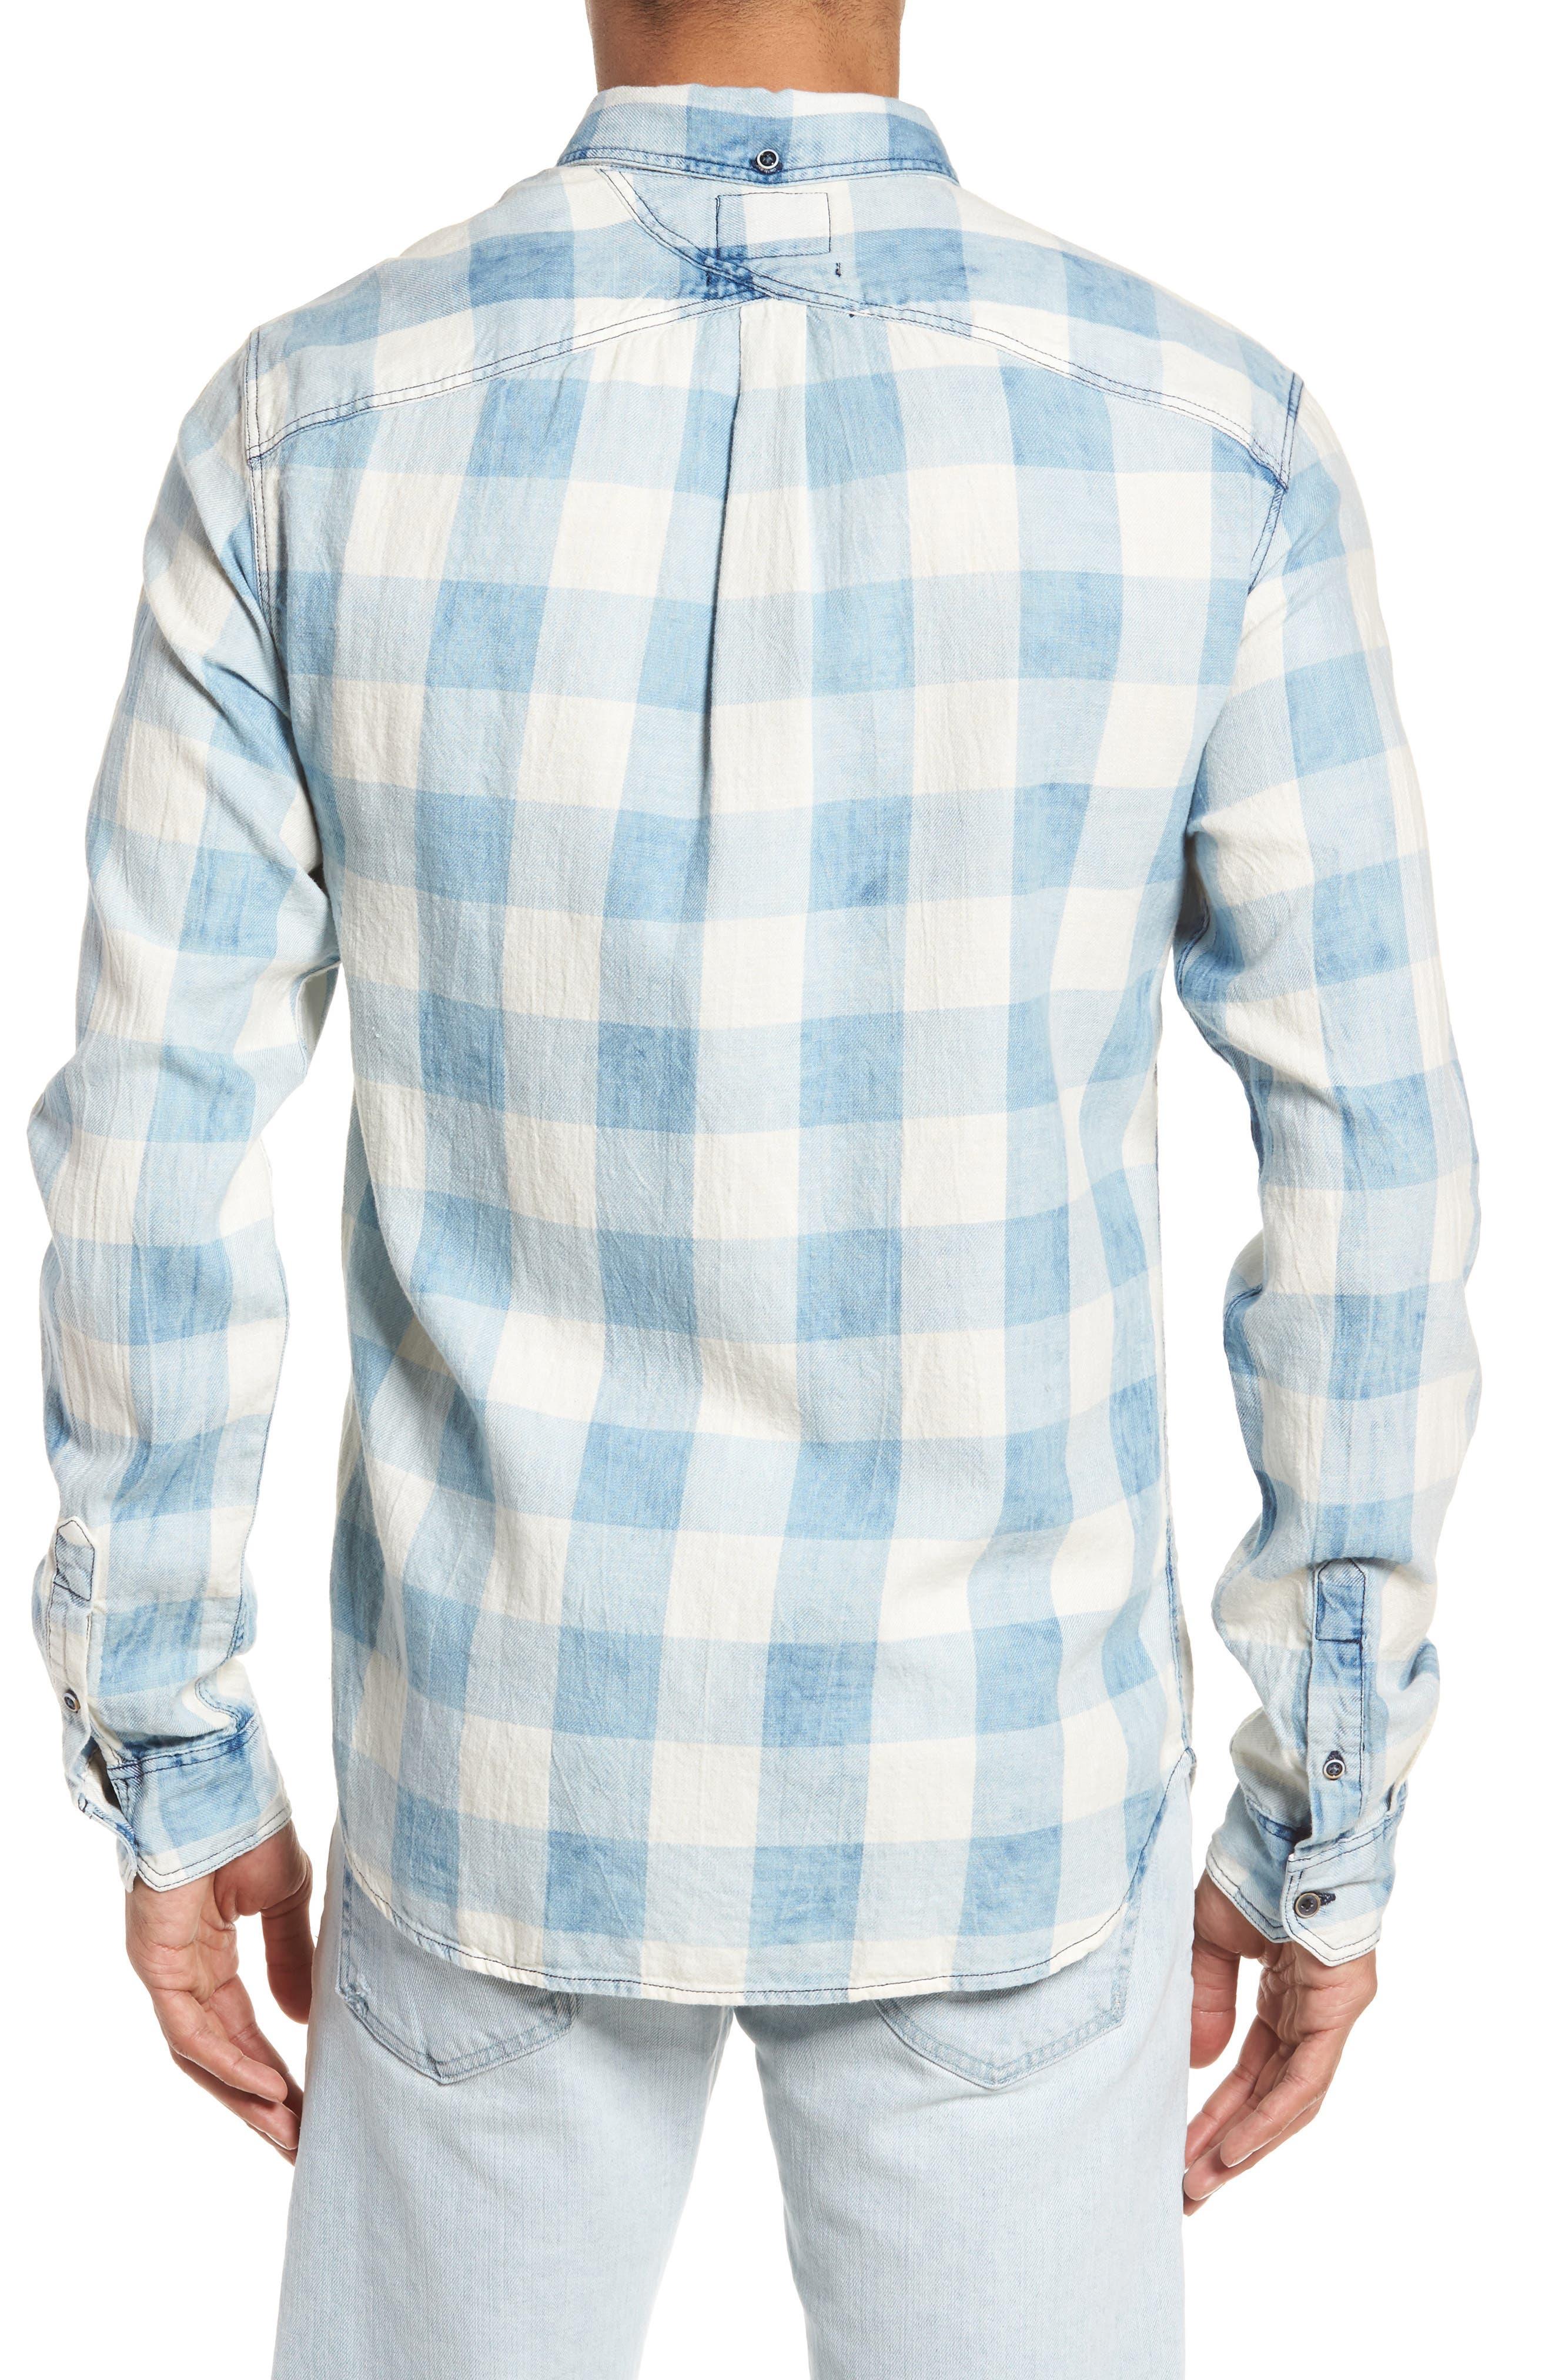 Amsterdams Blauw Check Shirt,                             Alternate thumbnail 2, color,                             Combo A